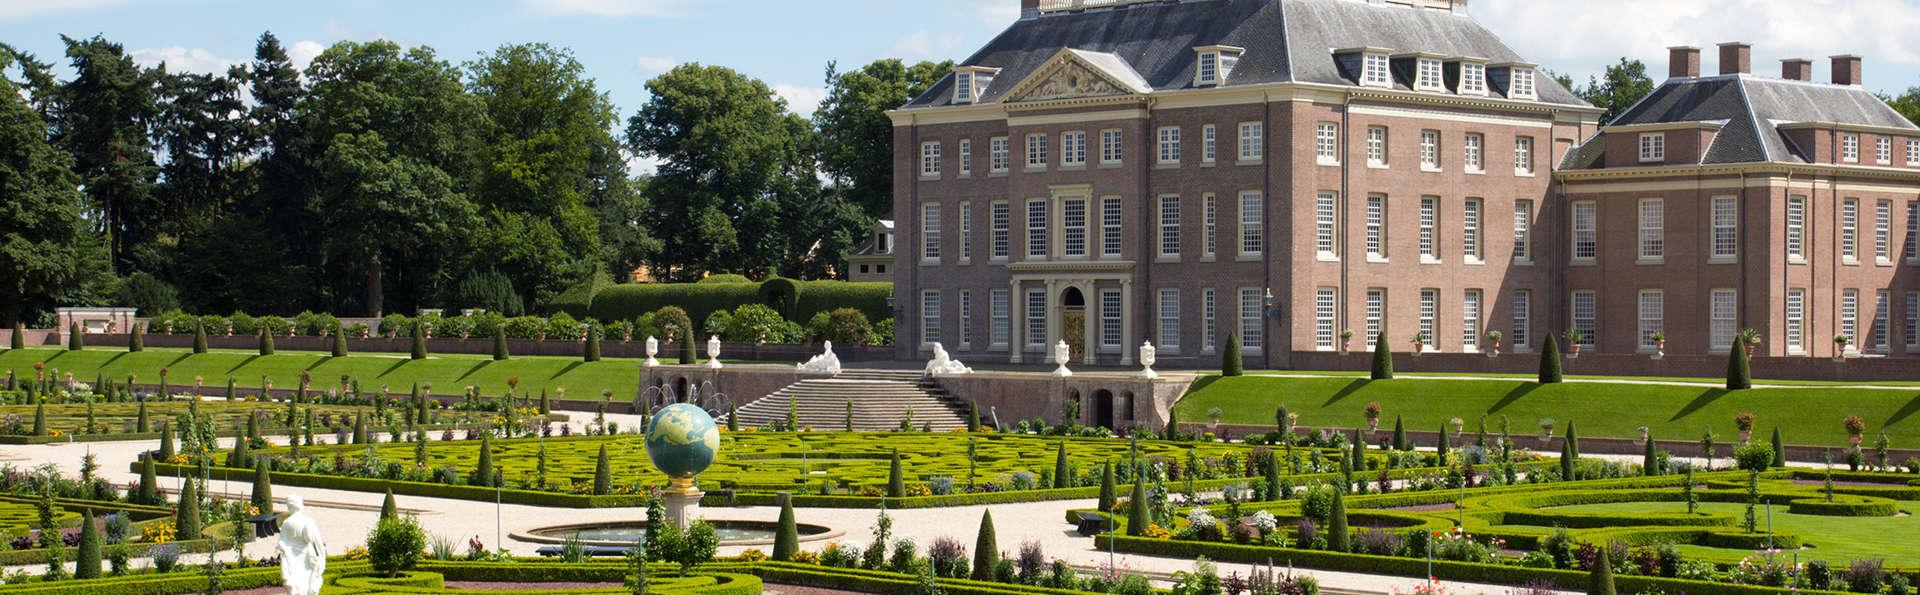 Découvrez Apeldoorn dans un hôtel 4 étoiles